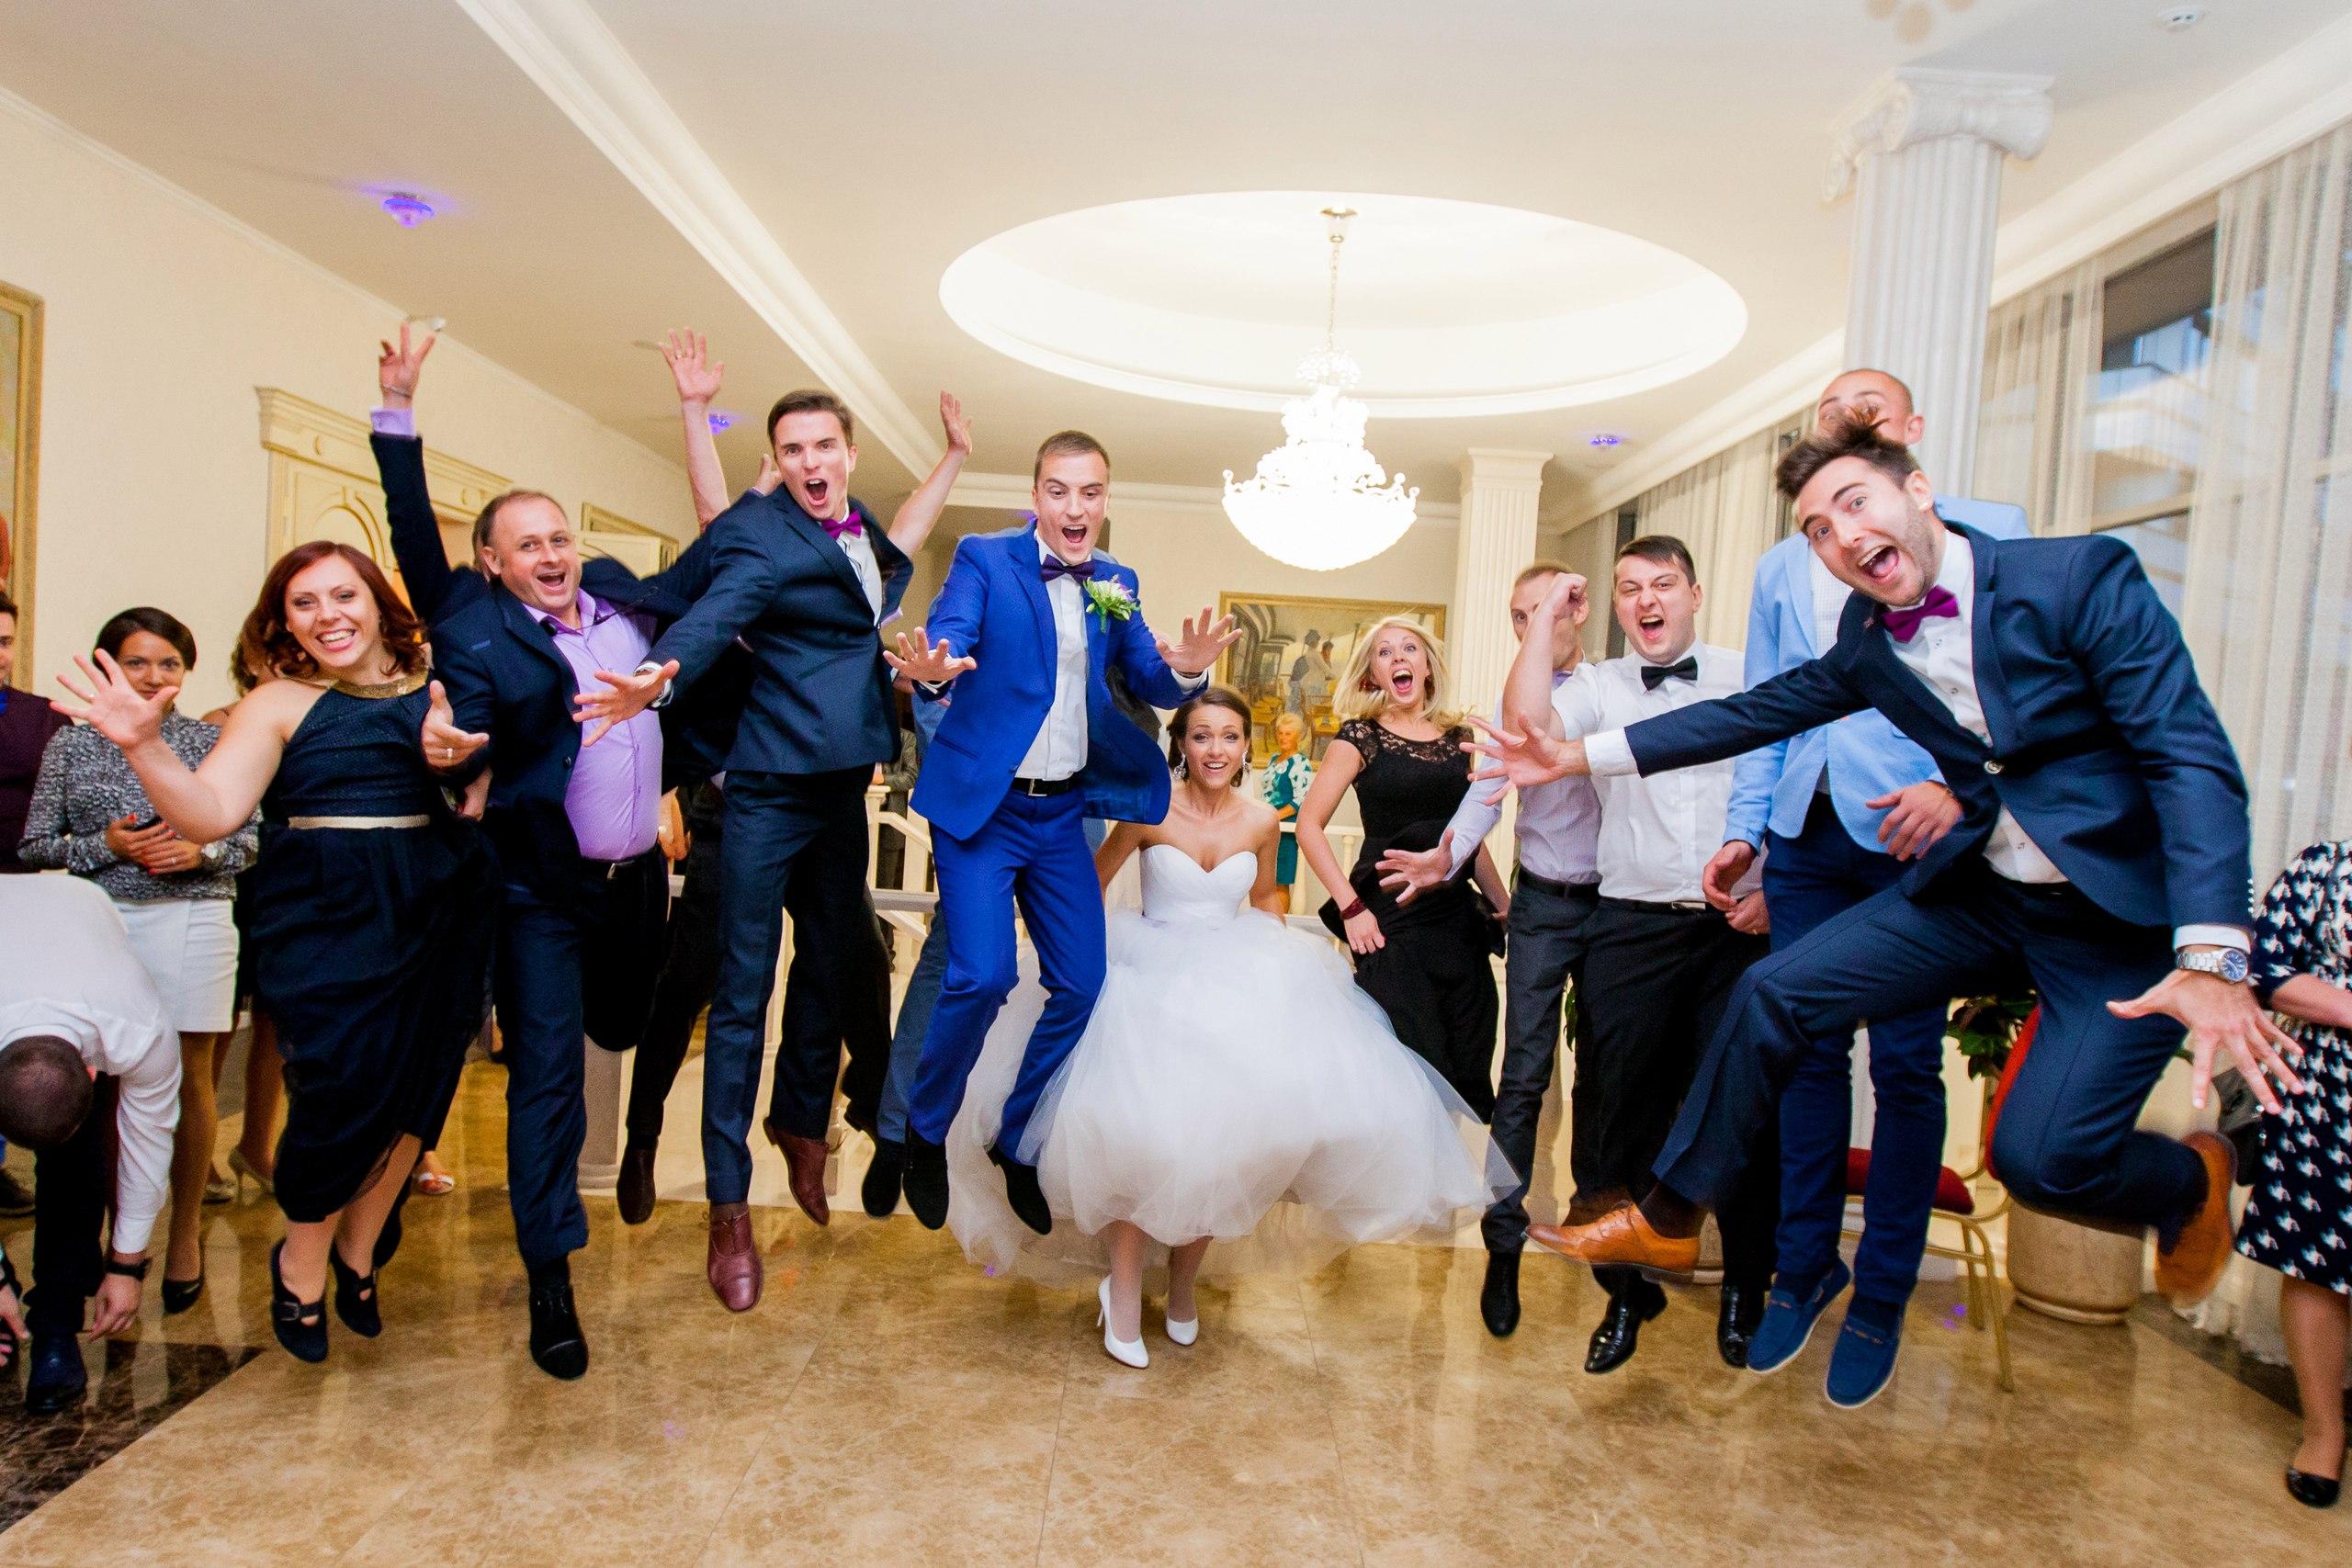 9uMfexsn2qo - Выбираем ведущего на свадьбу: советы профессионала